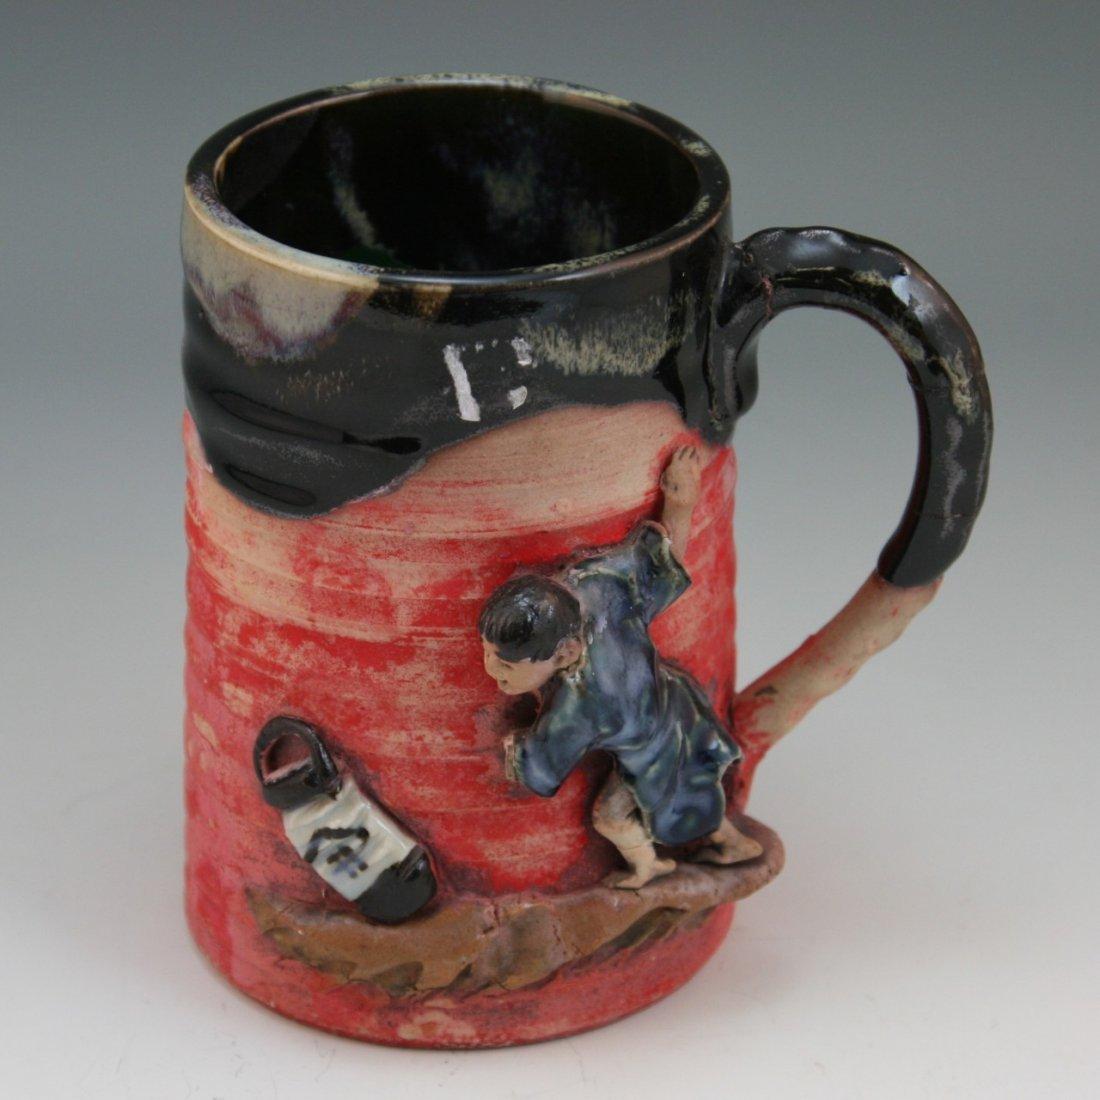 88: Antique Japanese Sumida Gawa Porcelain Mug